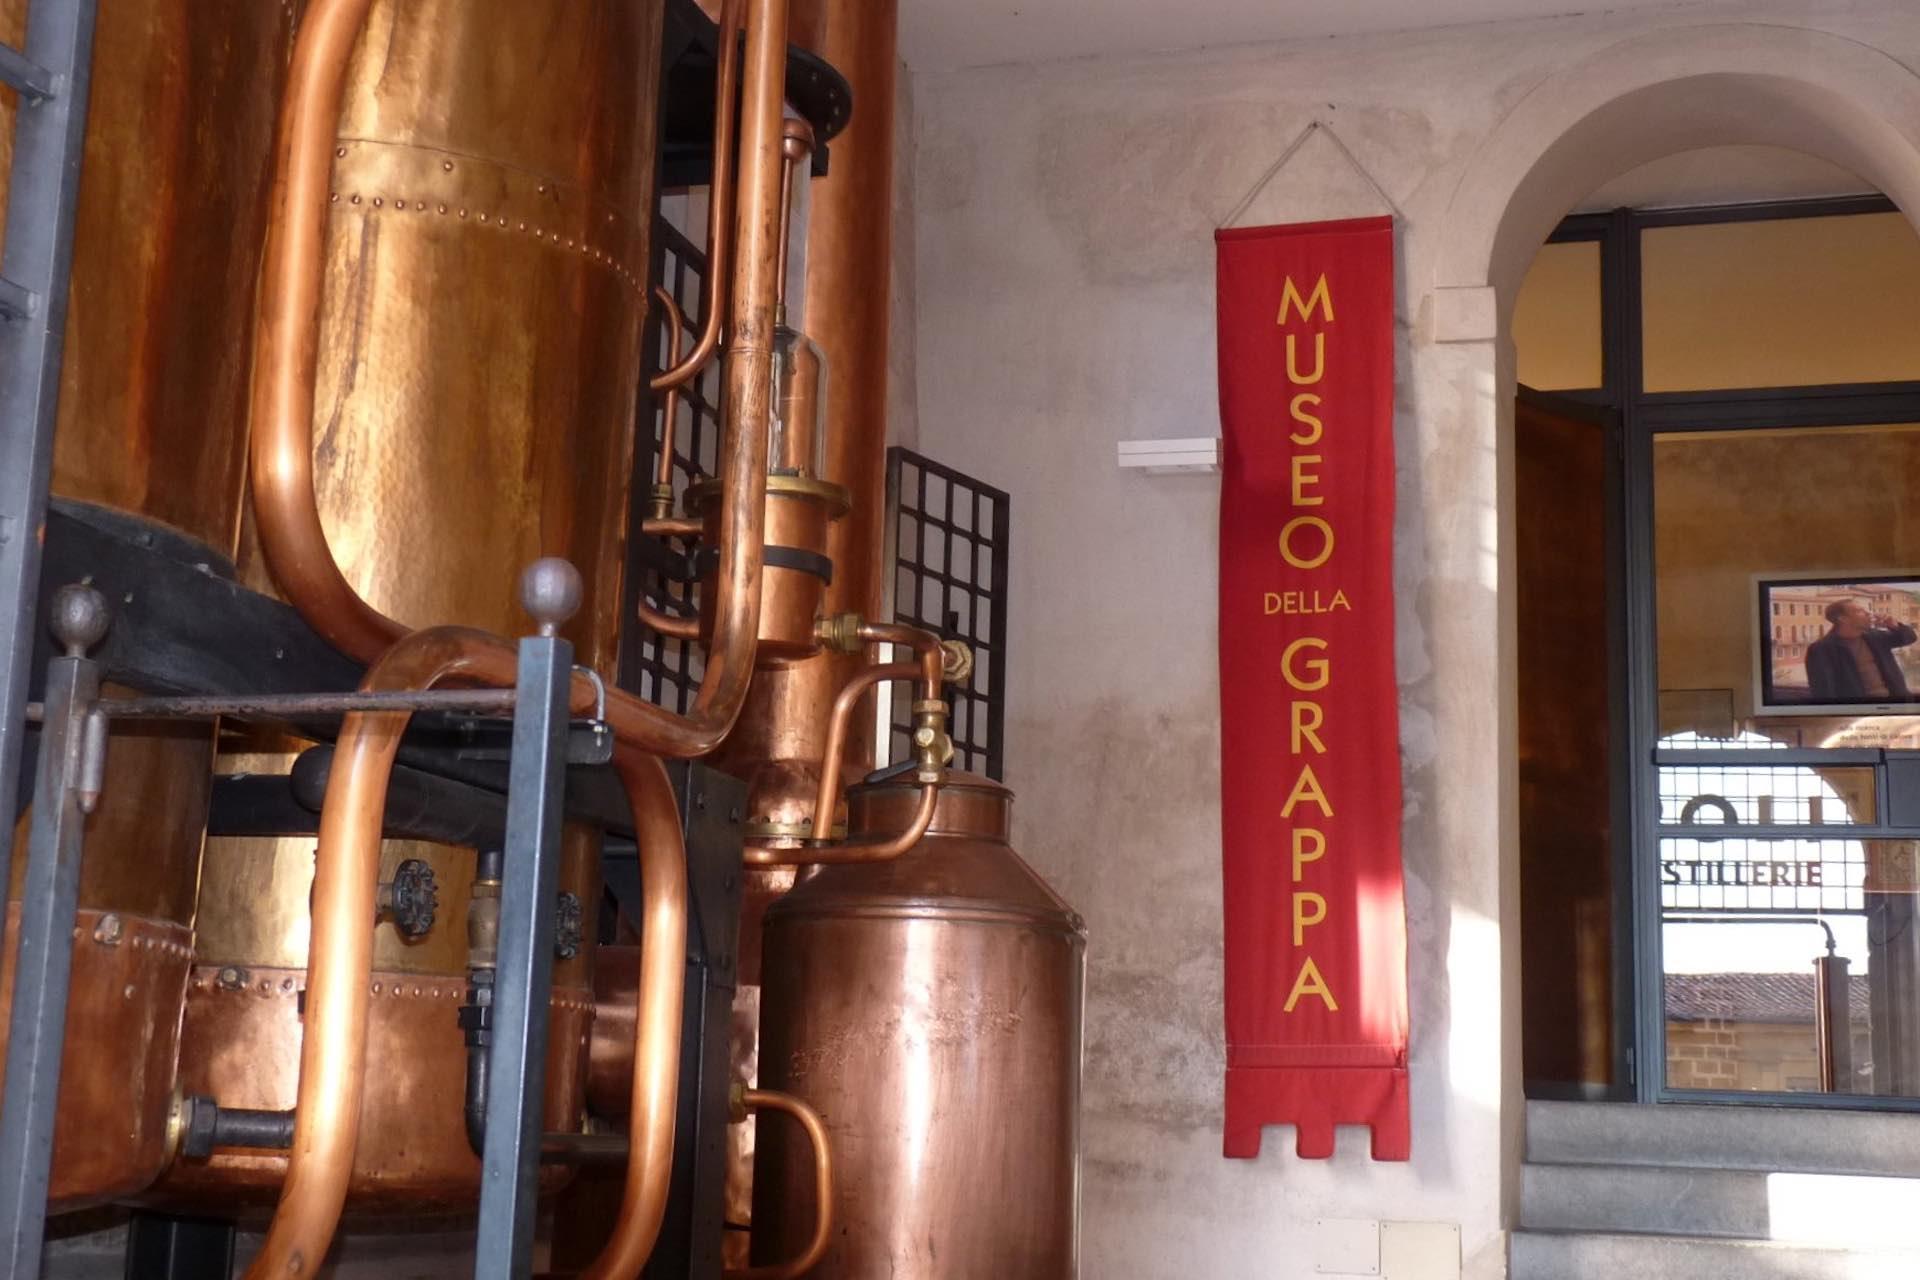 scopri i produttori di grappa e le distillerie venete durante la tua vacanza sulle Colline del Prosecco Valdobbiadene